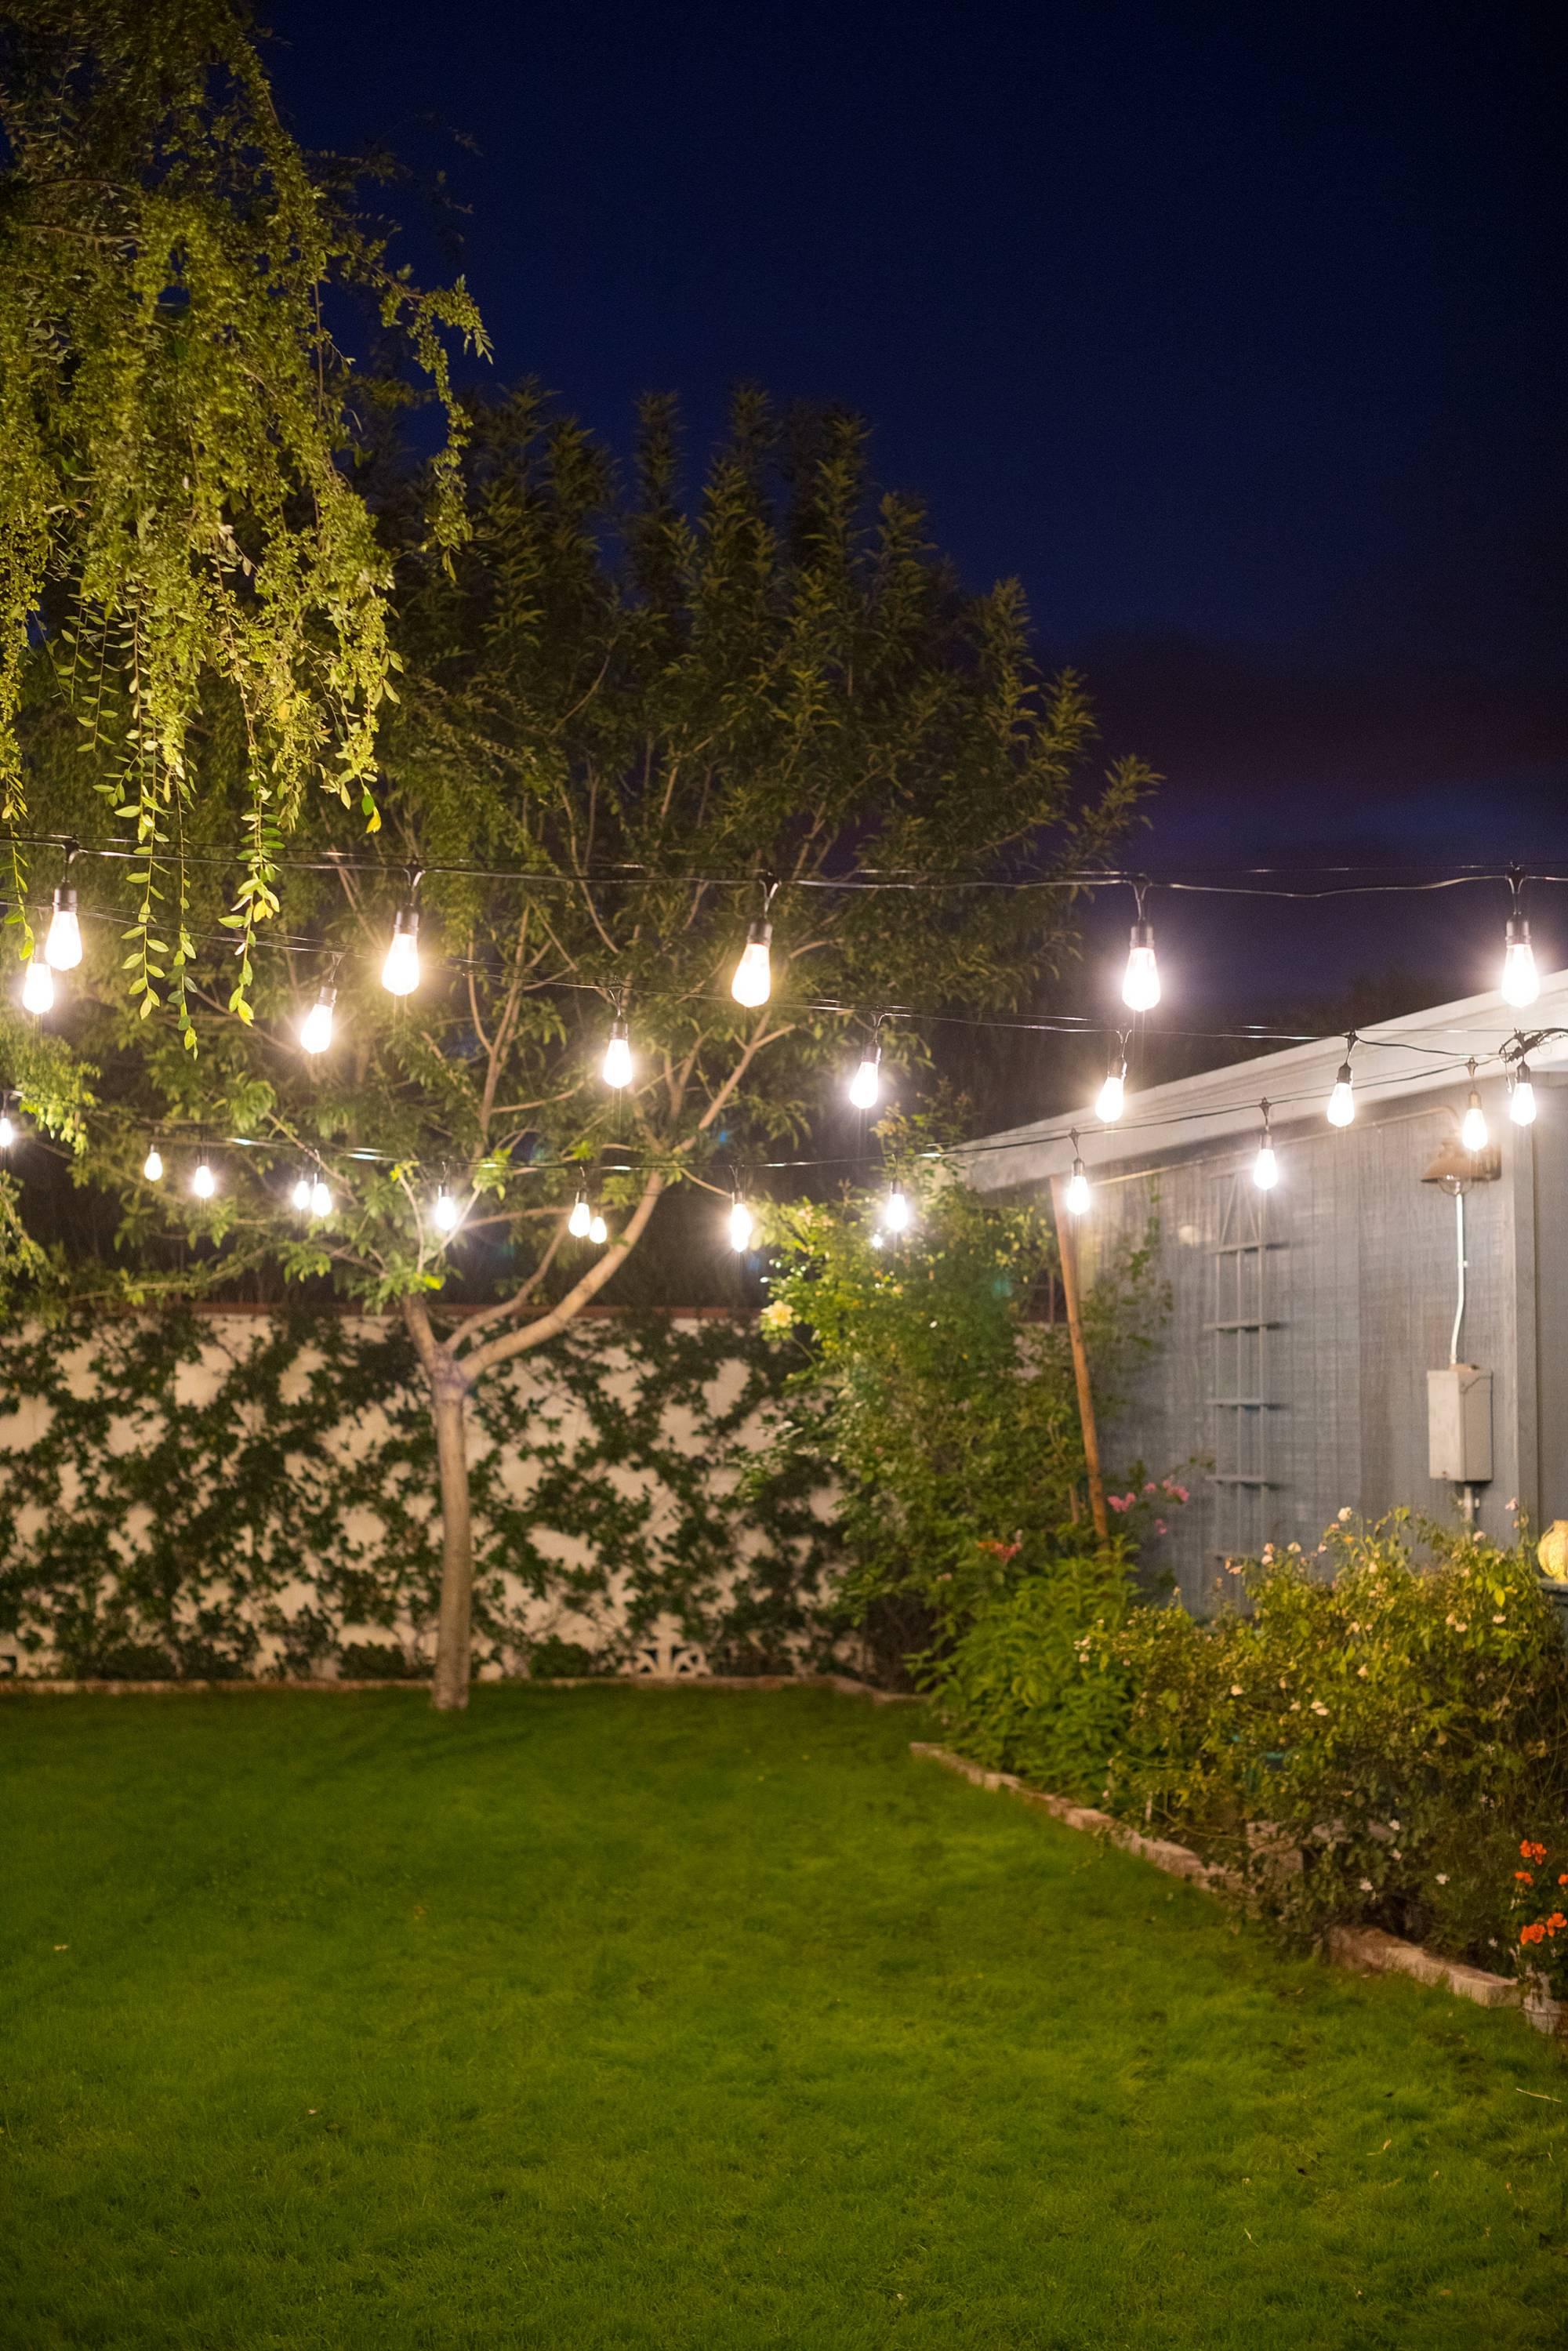 Diy Hanging Cafe String Lights Diana Elizabeth